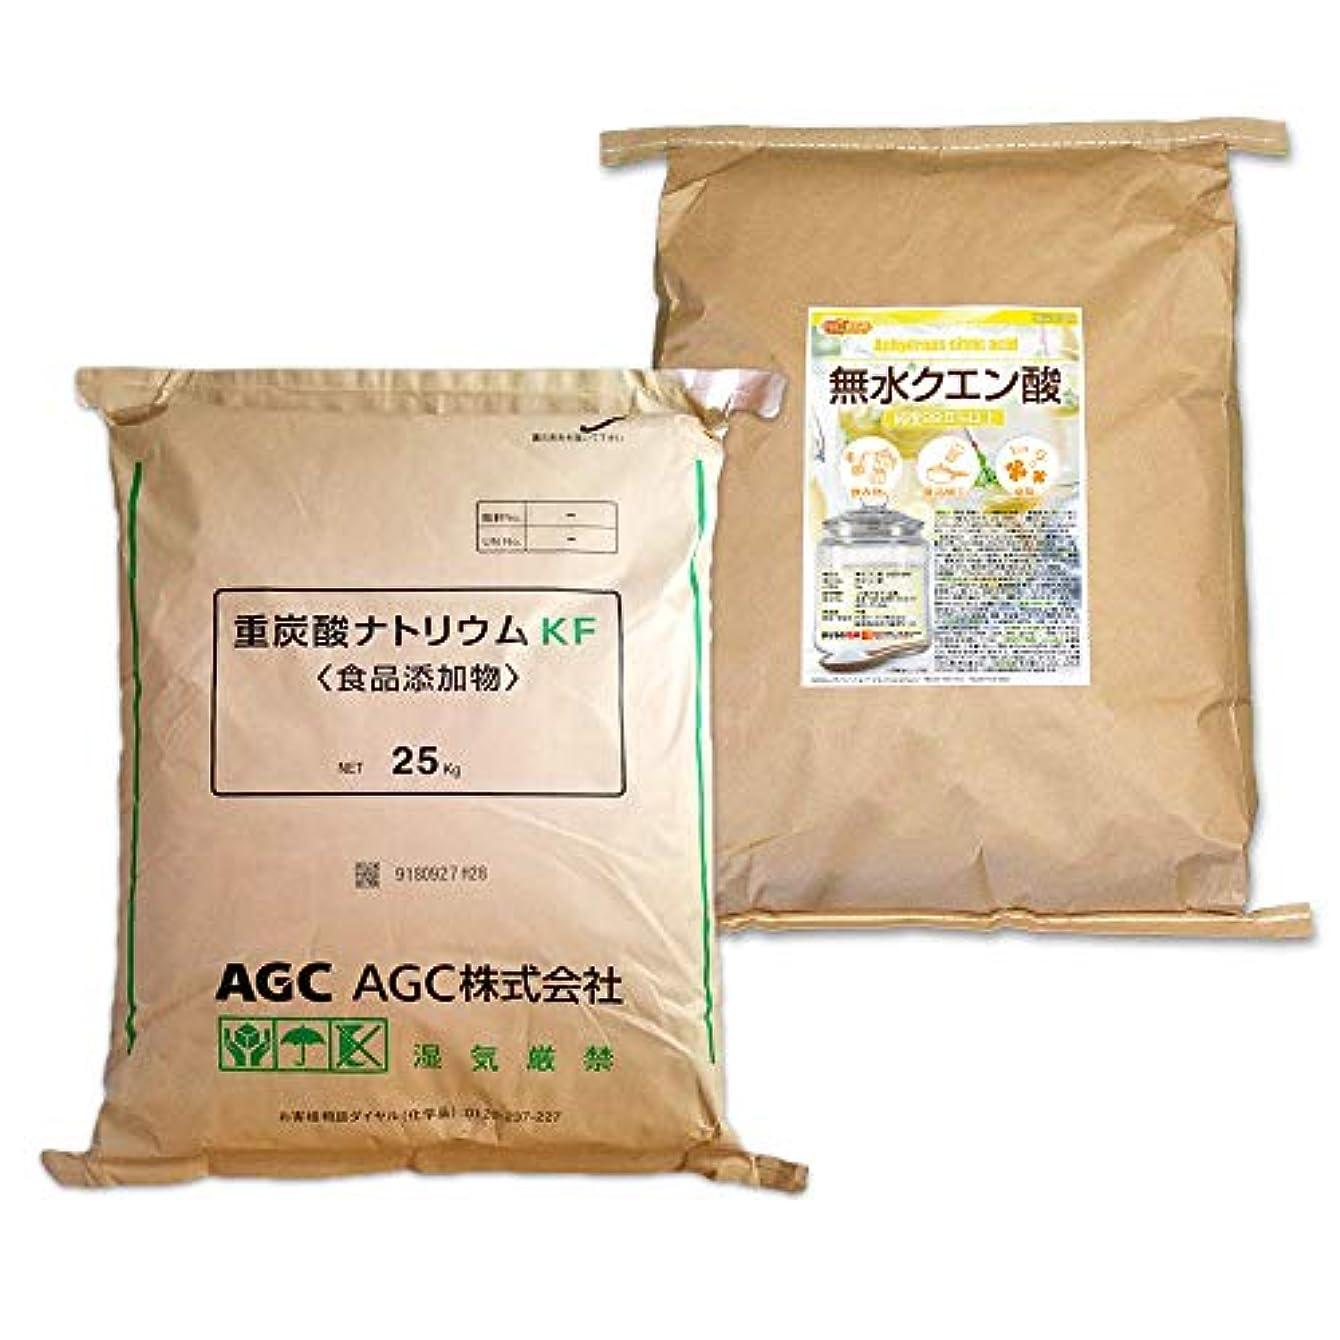 祝福バーマド国際AGC製 重曹 25kg + 無水 クエン酸 25kg セット [02] 【同梱不可】NICHIGA(ニチガ)